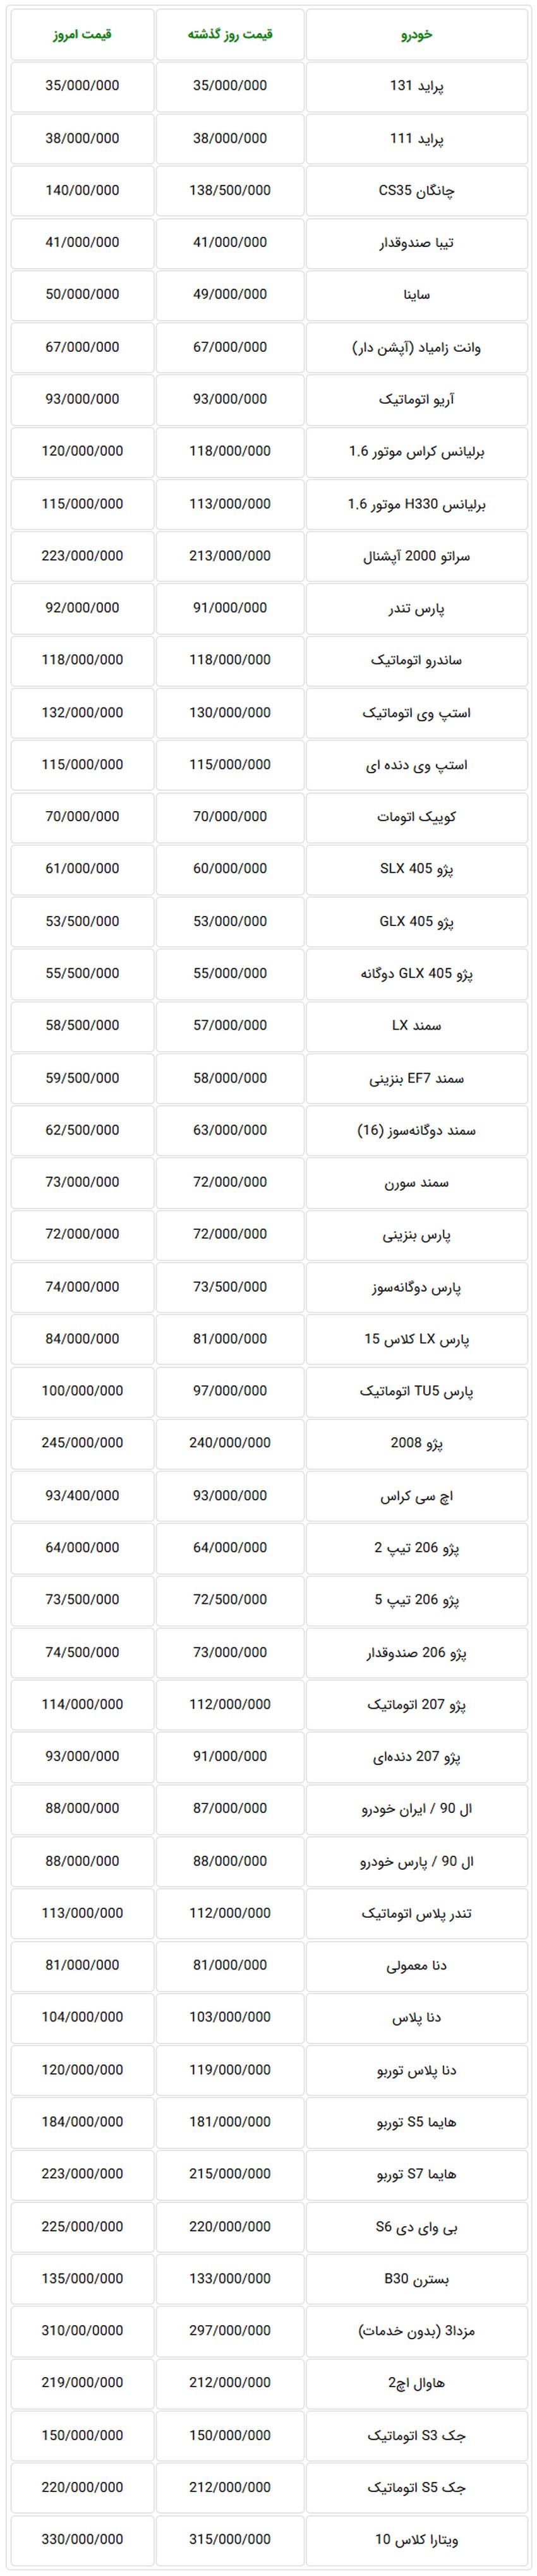 جدول قیمت جدید خودروهای تولید داخل در بازار تهران 8 مهر